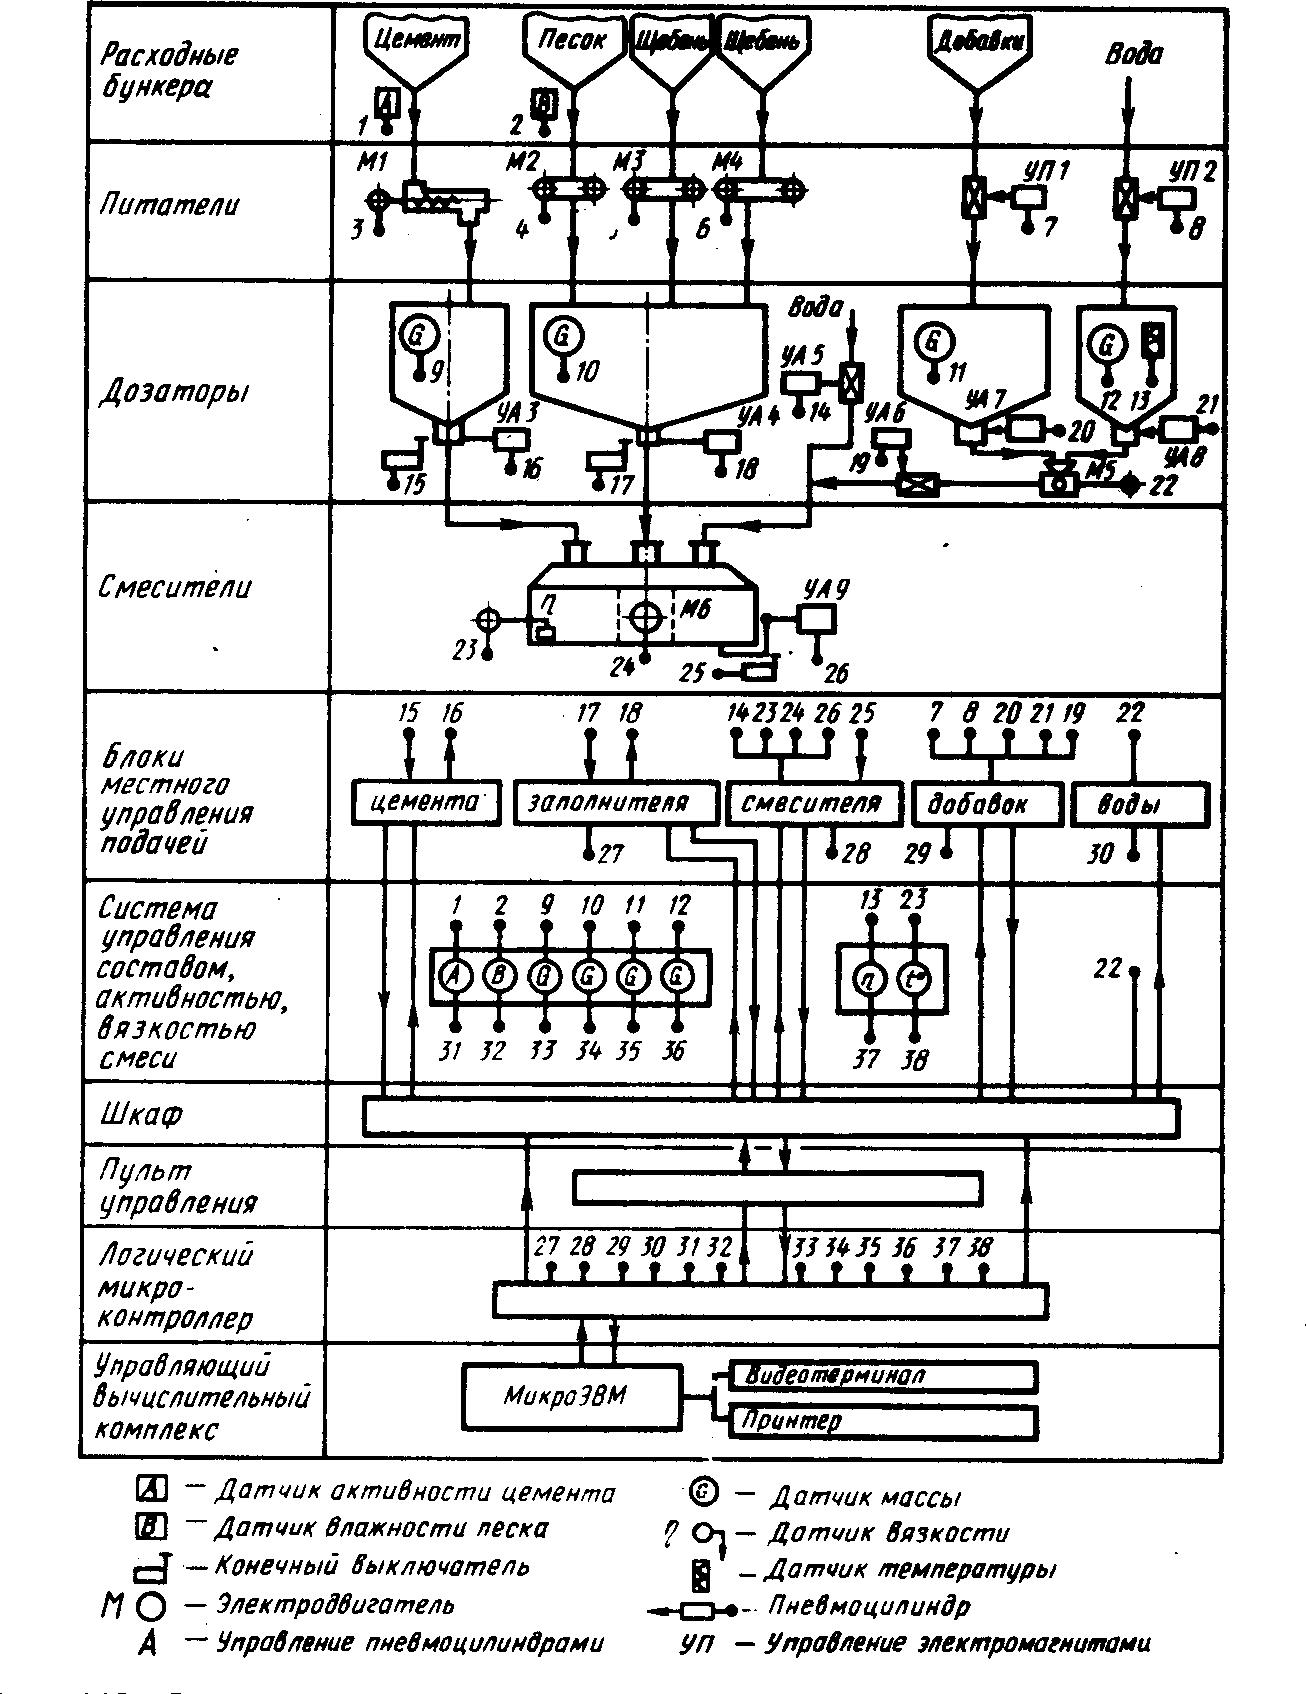 схема автоматического управления оборудованием дозаторного и смесительного отделений БСУ